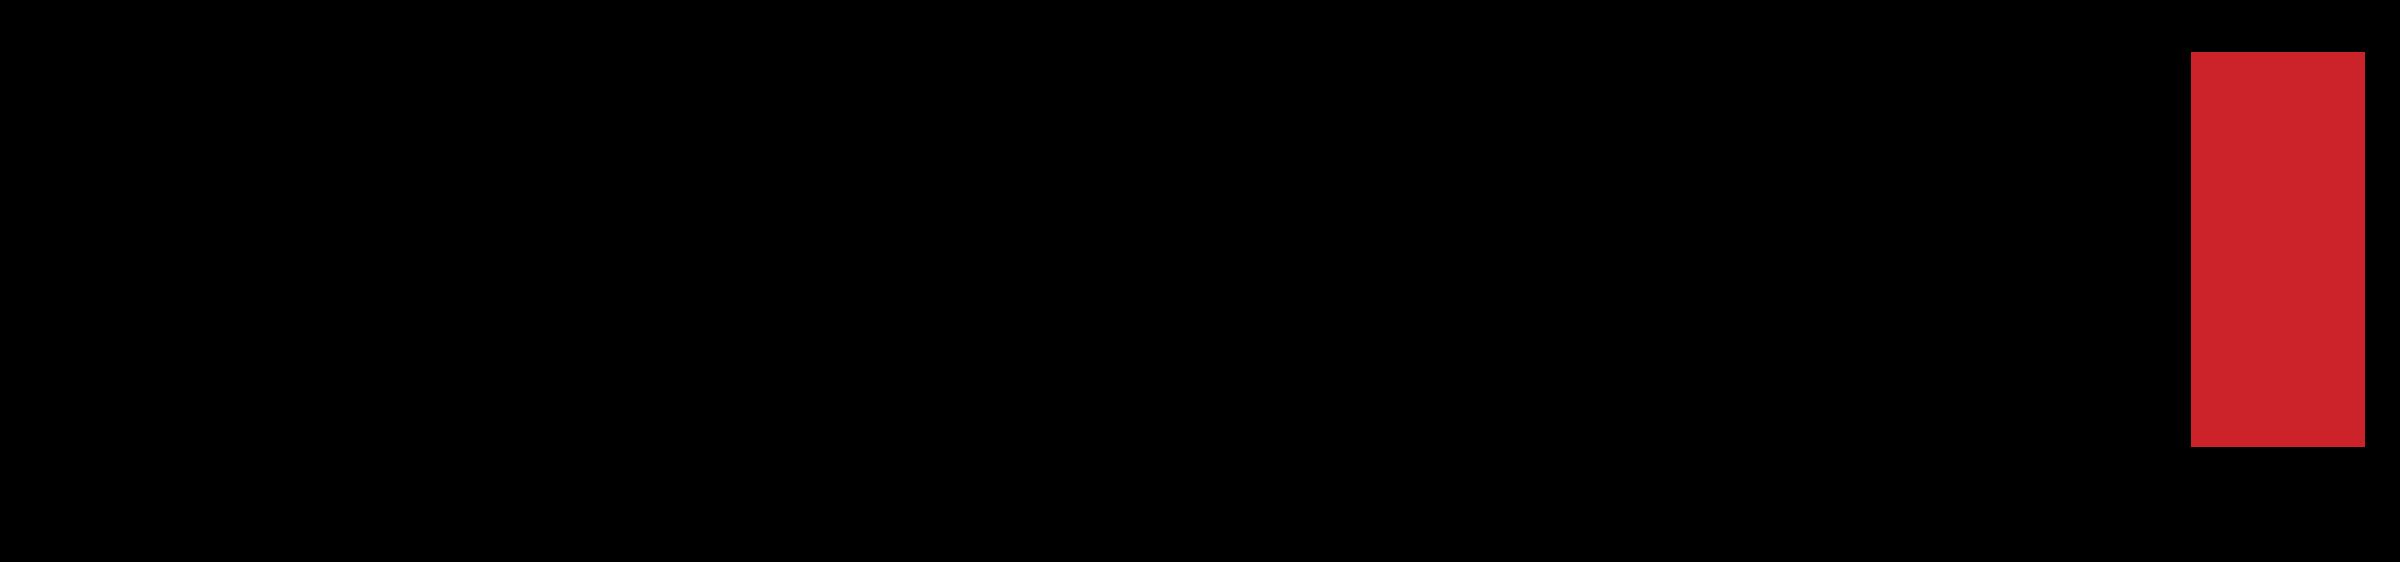 mb-quart-logo-png-transparent-2.png